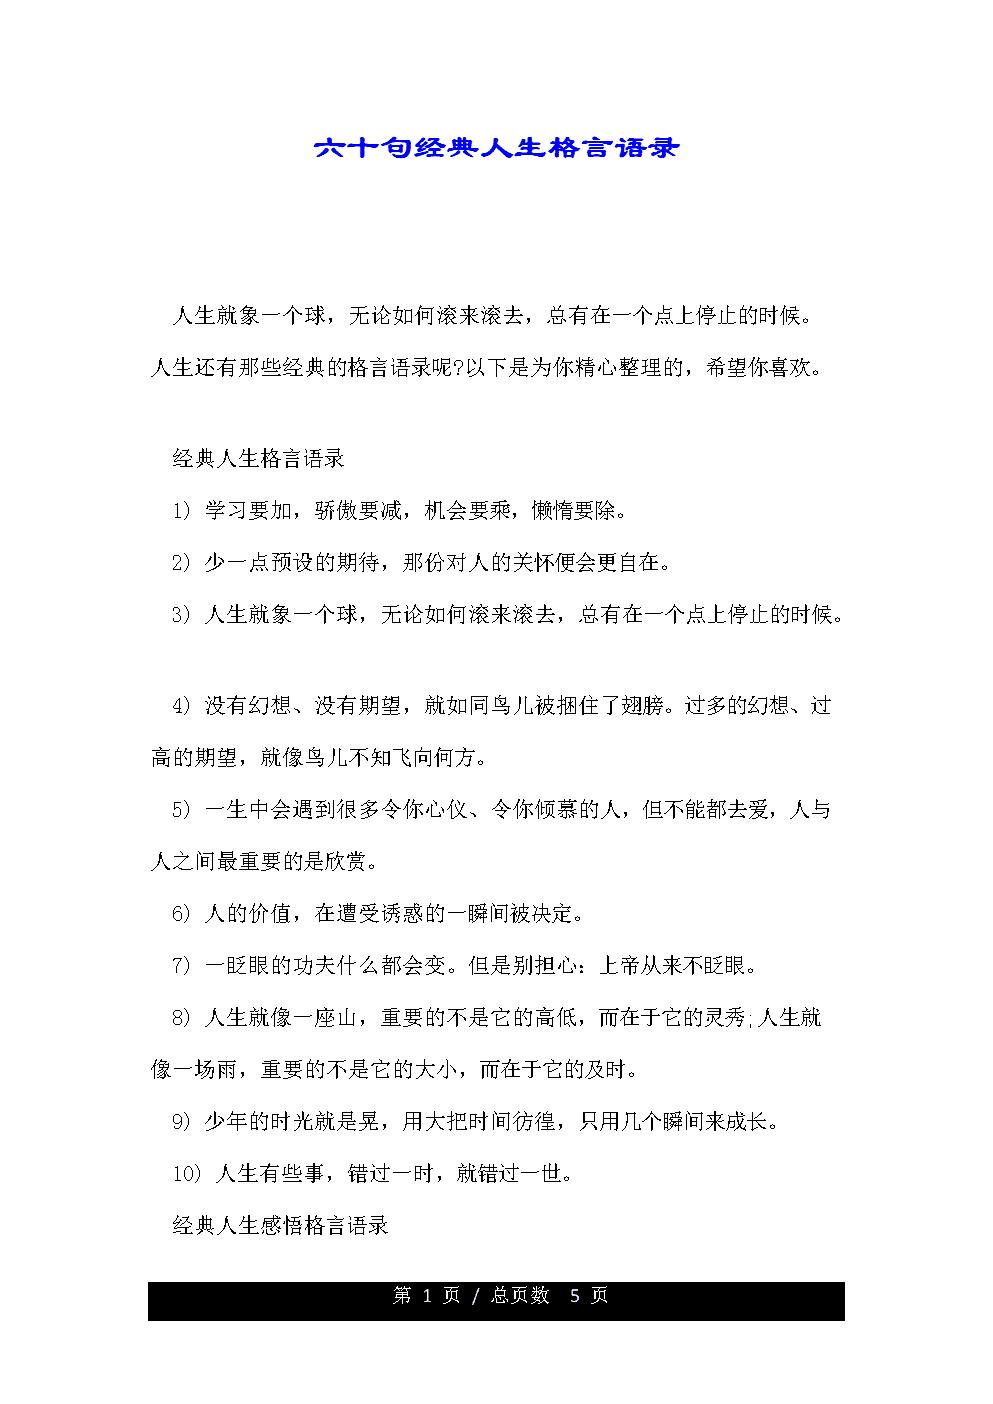 六十句经典人生格言语录.doc